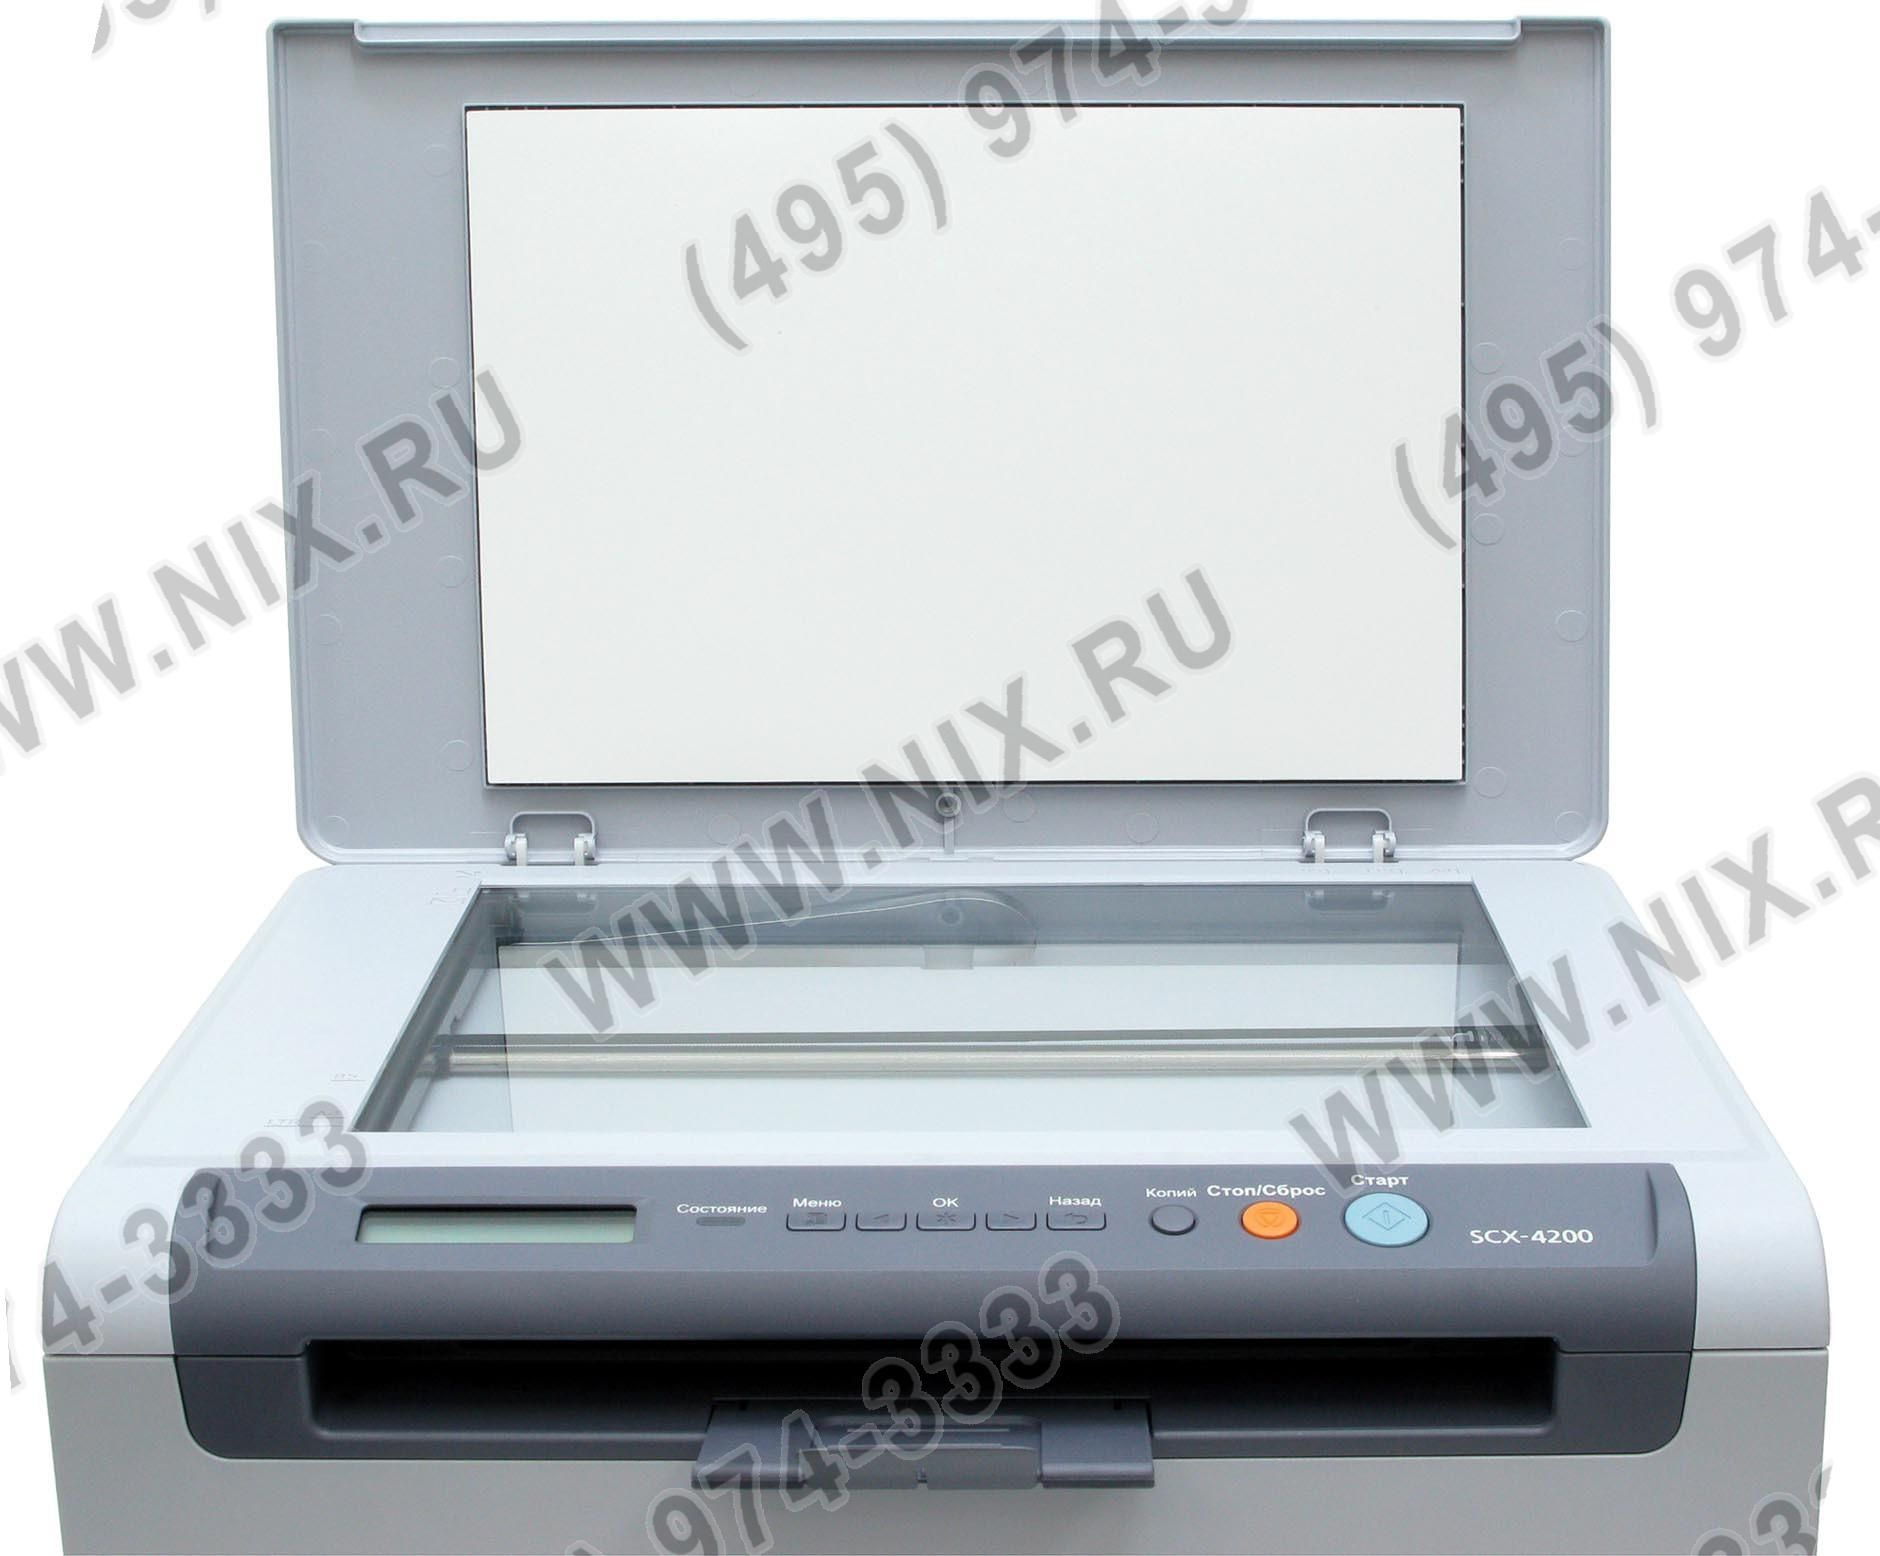 Скачать драйвера для принтера самсунг 4200